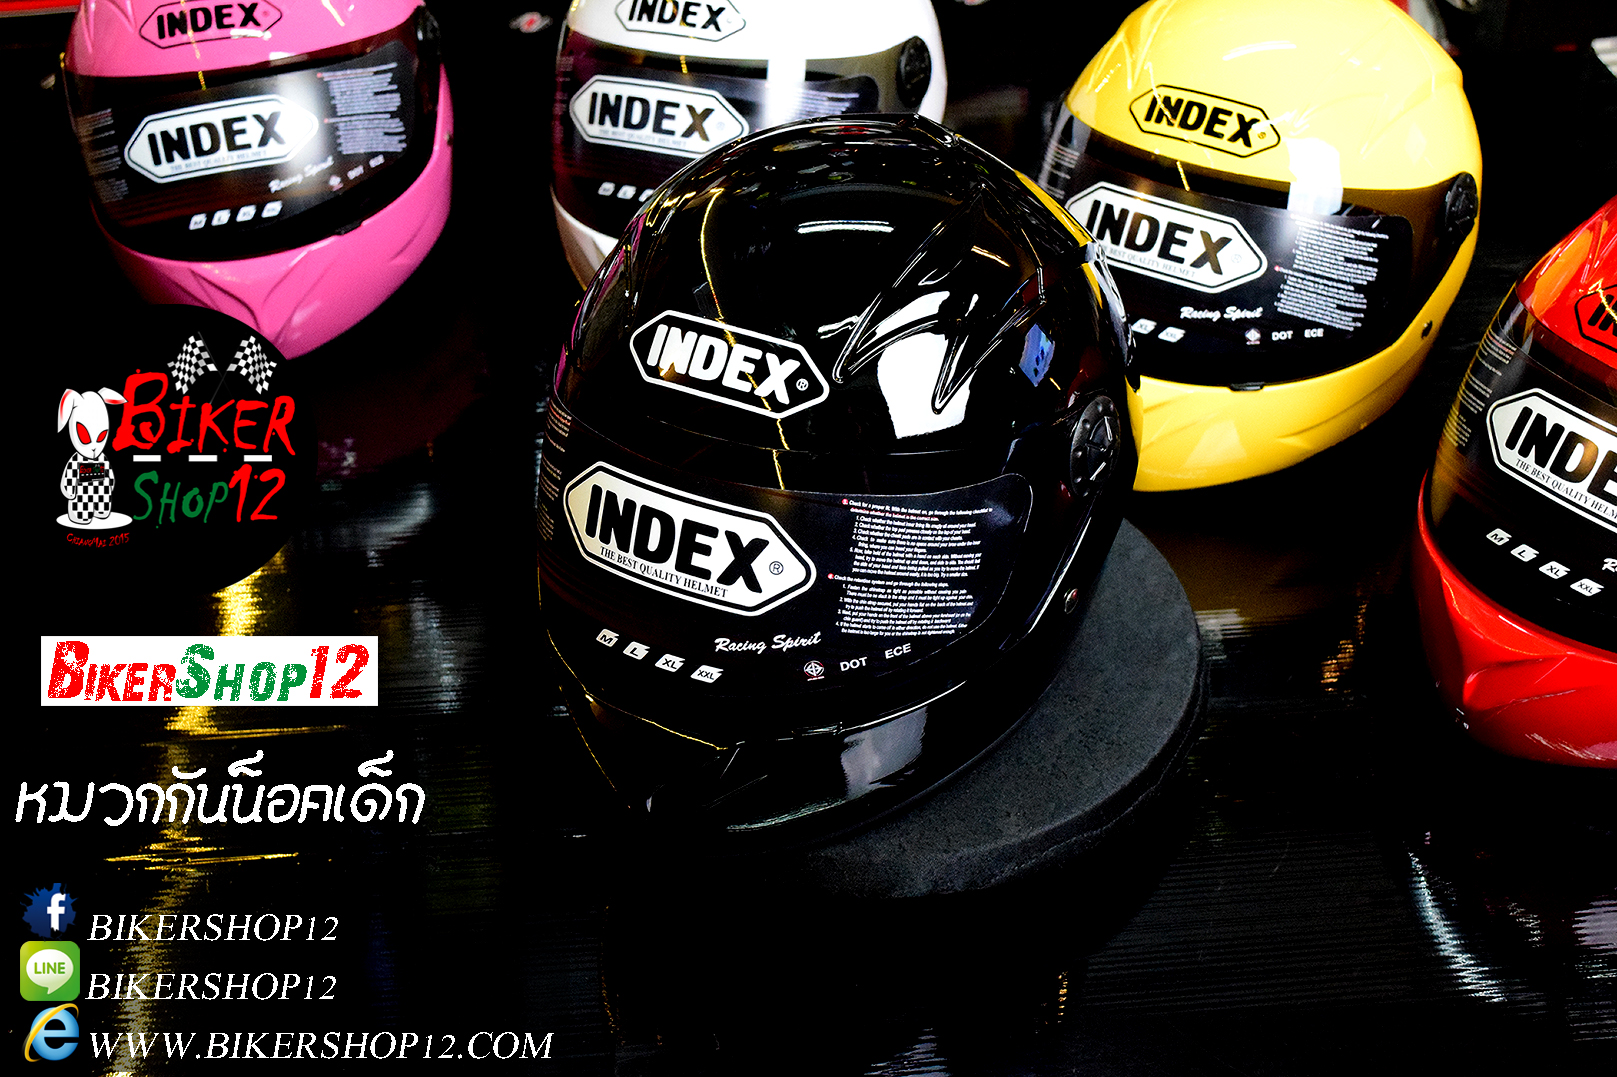 หมวกกันน็อคเด็ก Index แบบเต็มใบ สีดำ